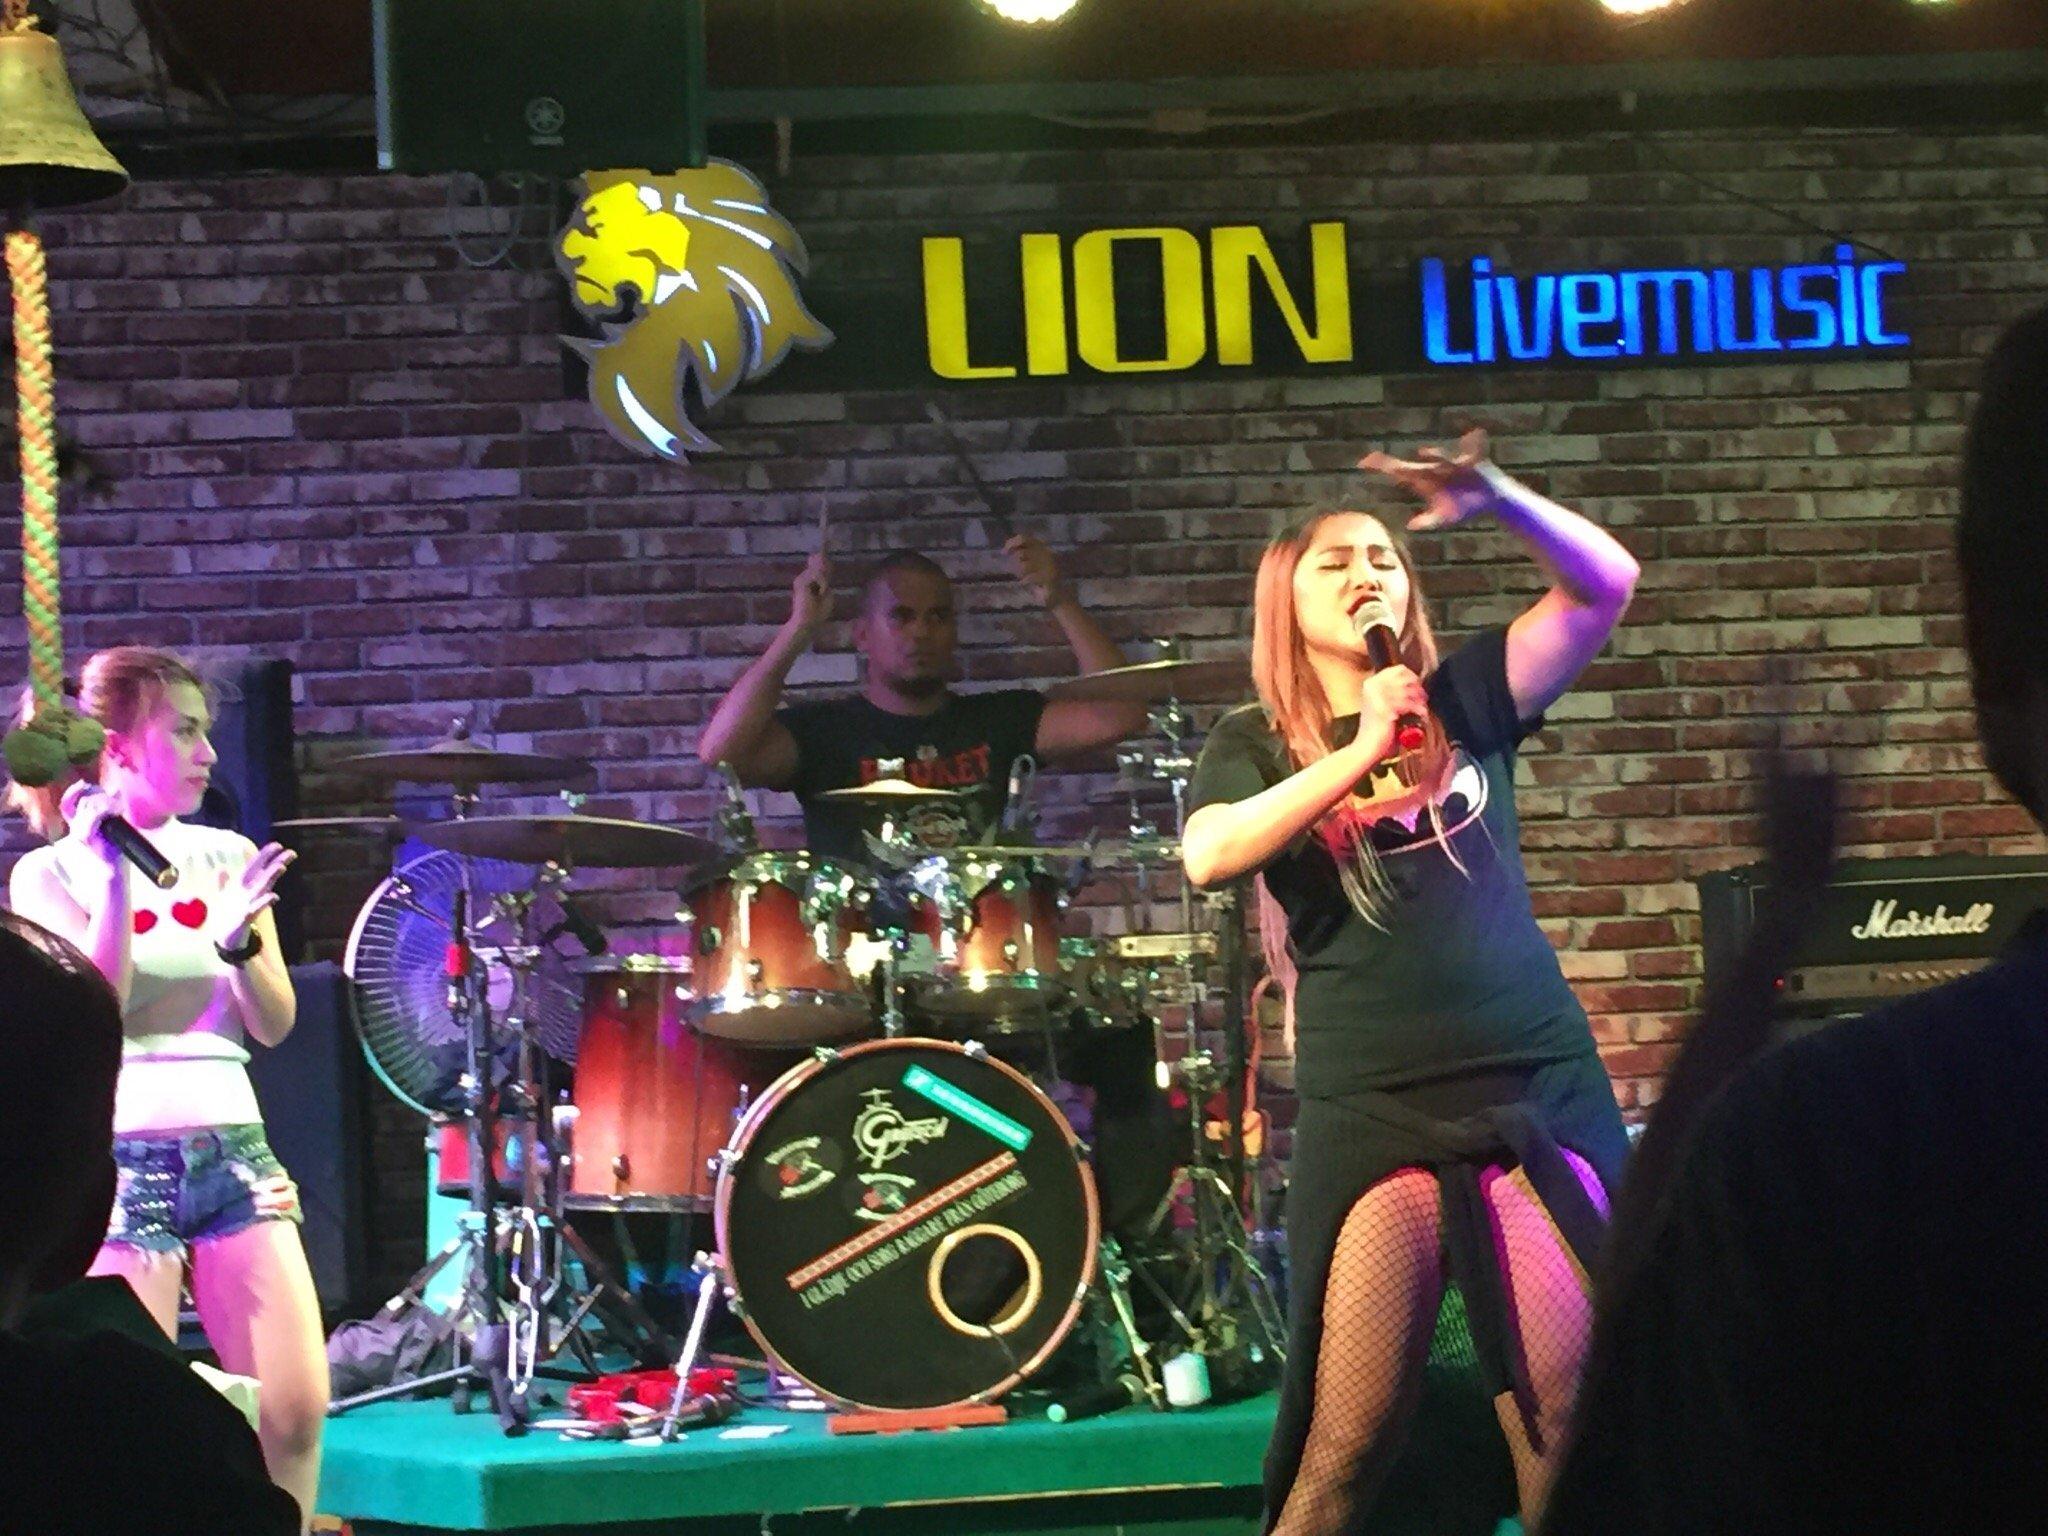 Lion Live Music